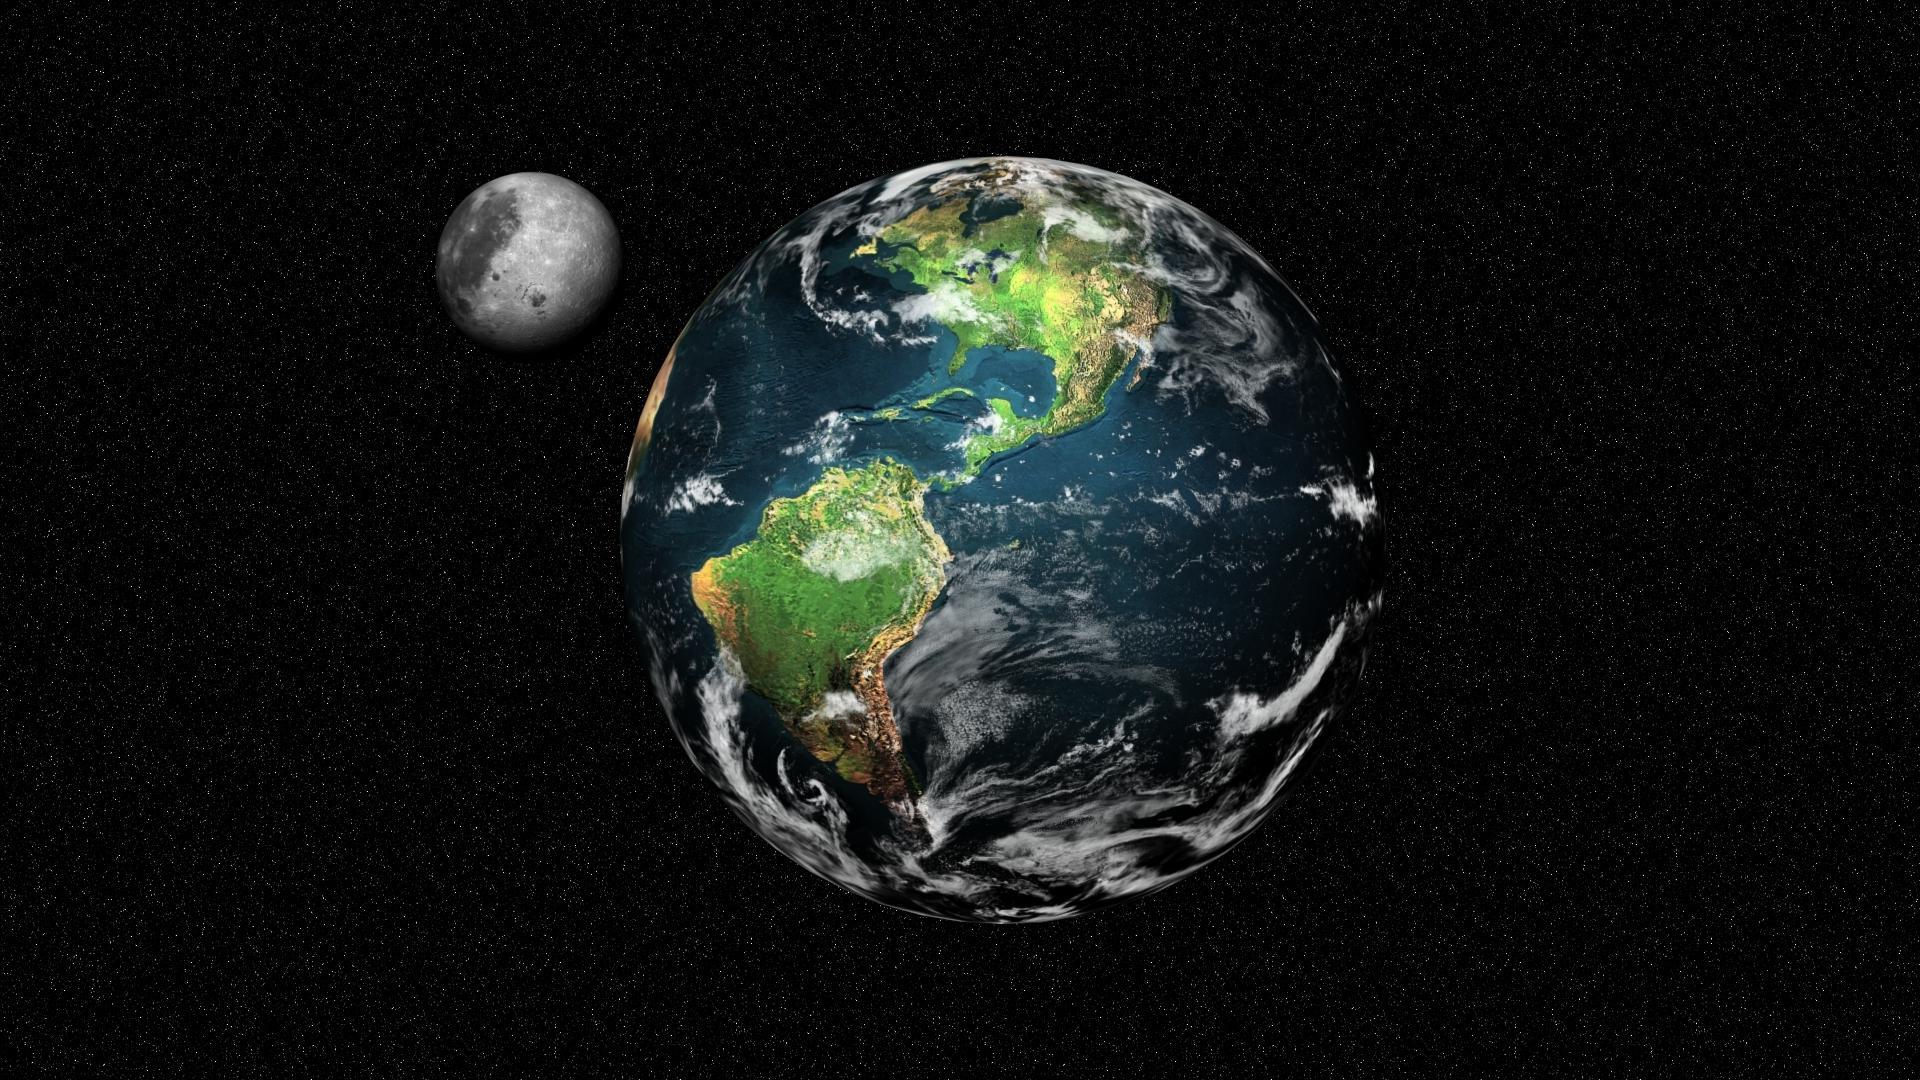 Wallpaper 1920x1080 Px Earth Moon Planets Space Stars Zamlya